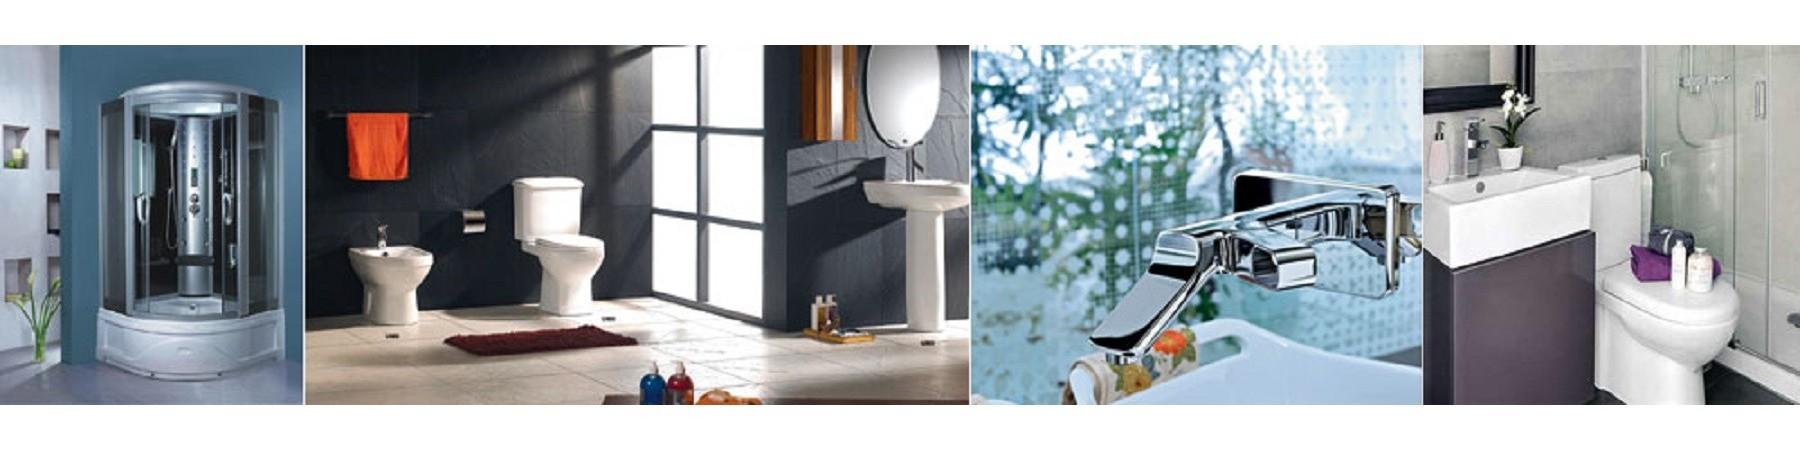 Thiết bị phòng tắm,vệ sinh và Đồ dùng tiện ích chính hãng,giá rẻ